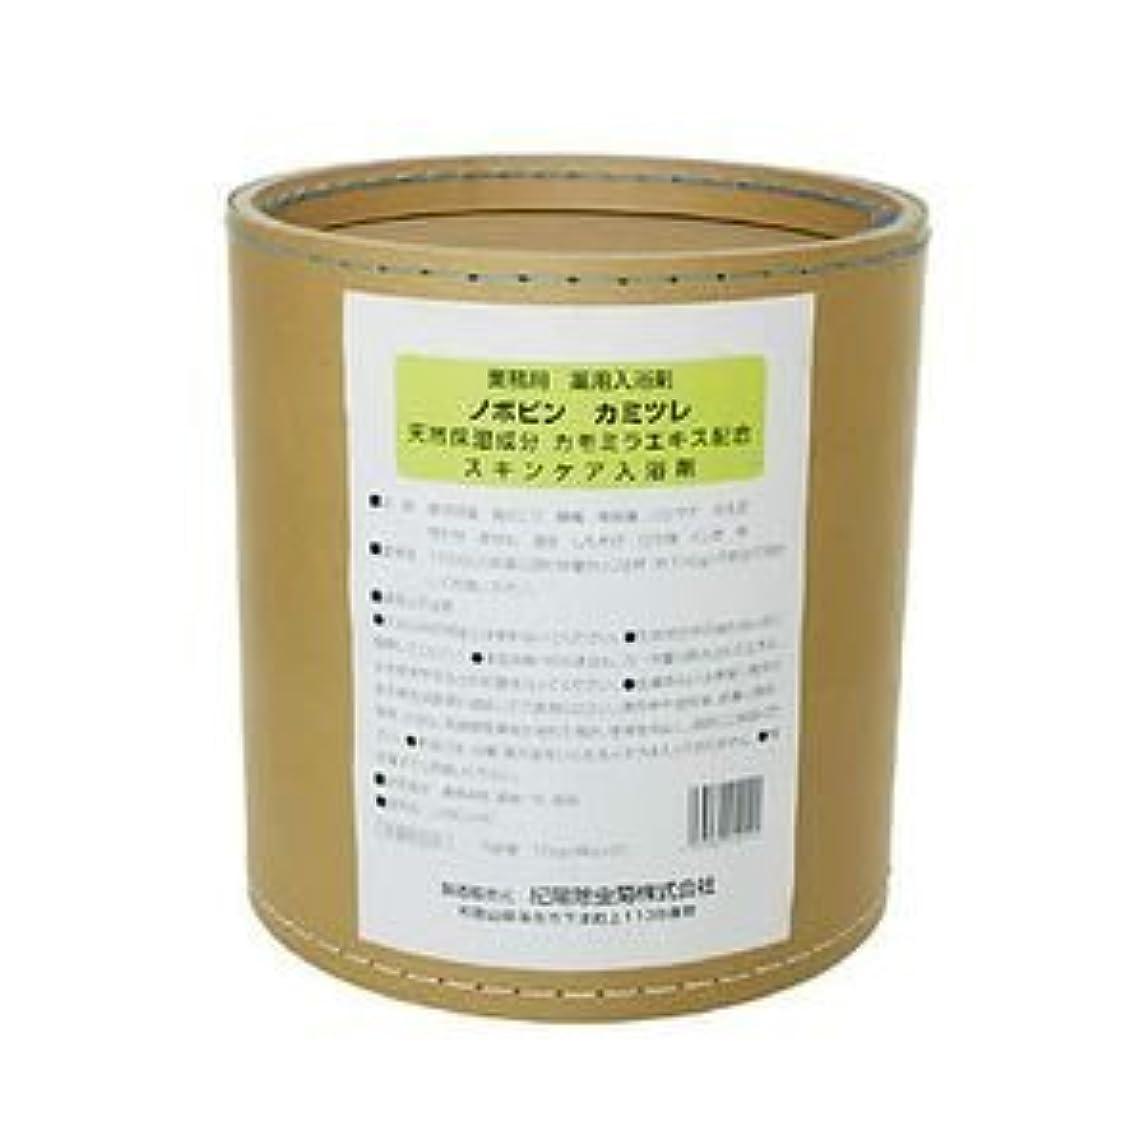 難しい競う反乱業務用 バス 入浴剤 ノボピン カミツレ 16kg(8kg+2)